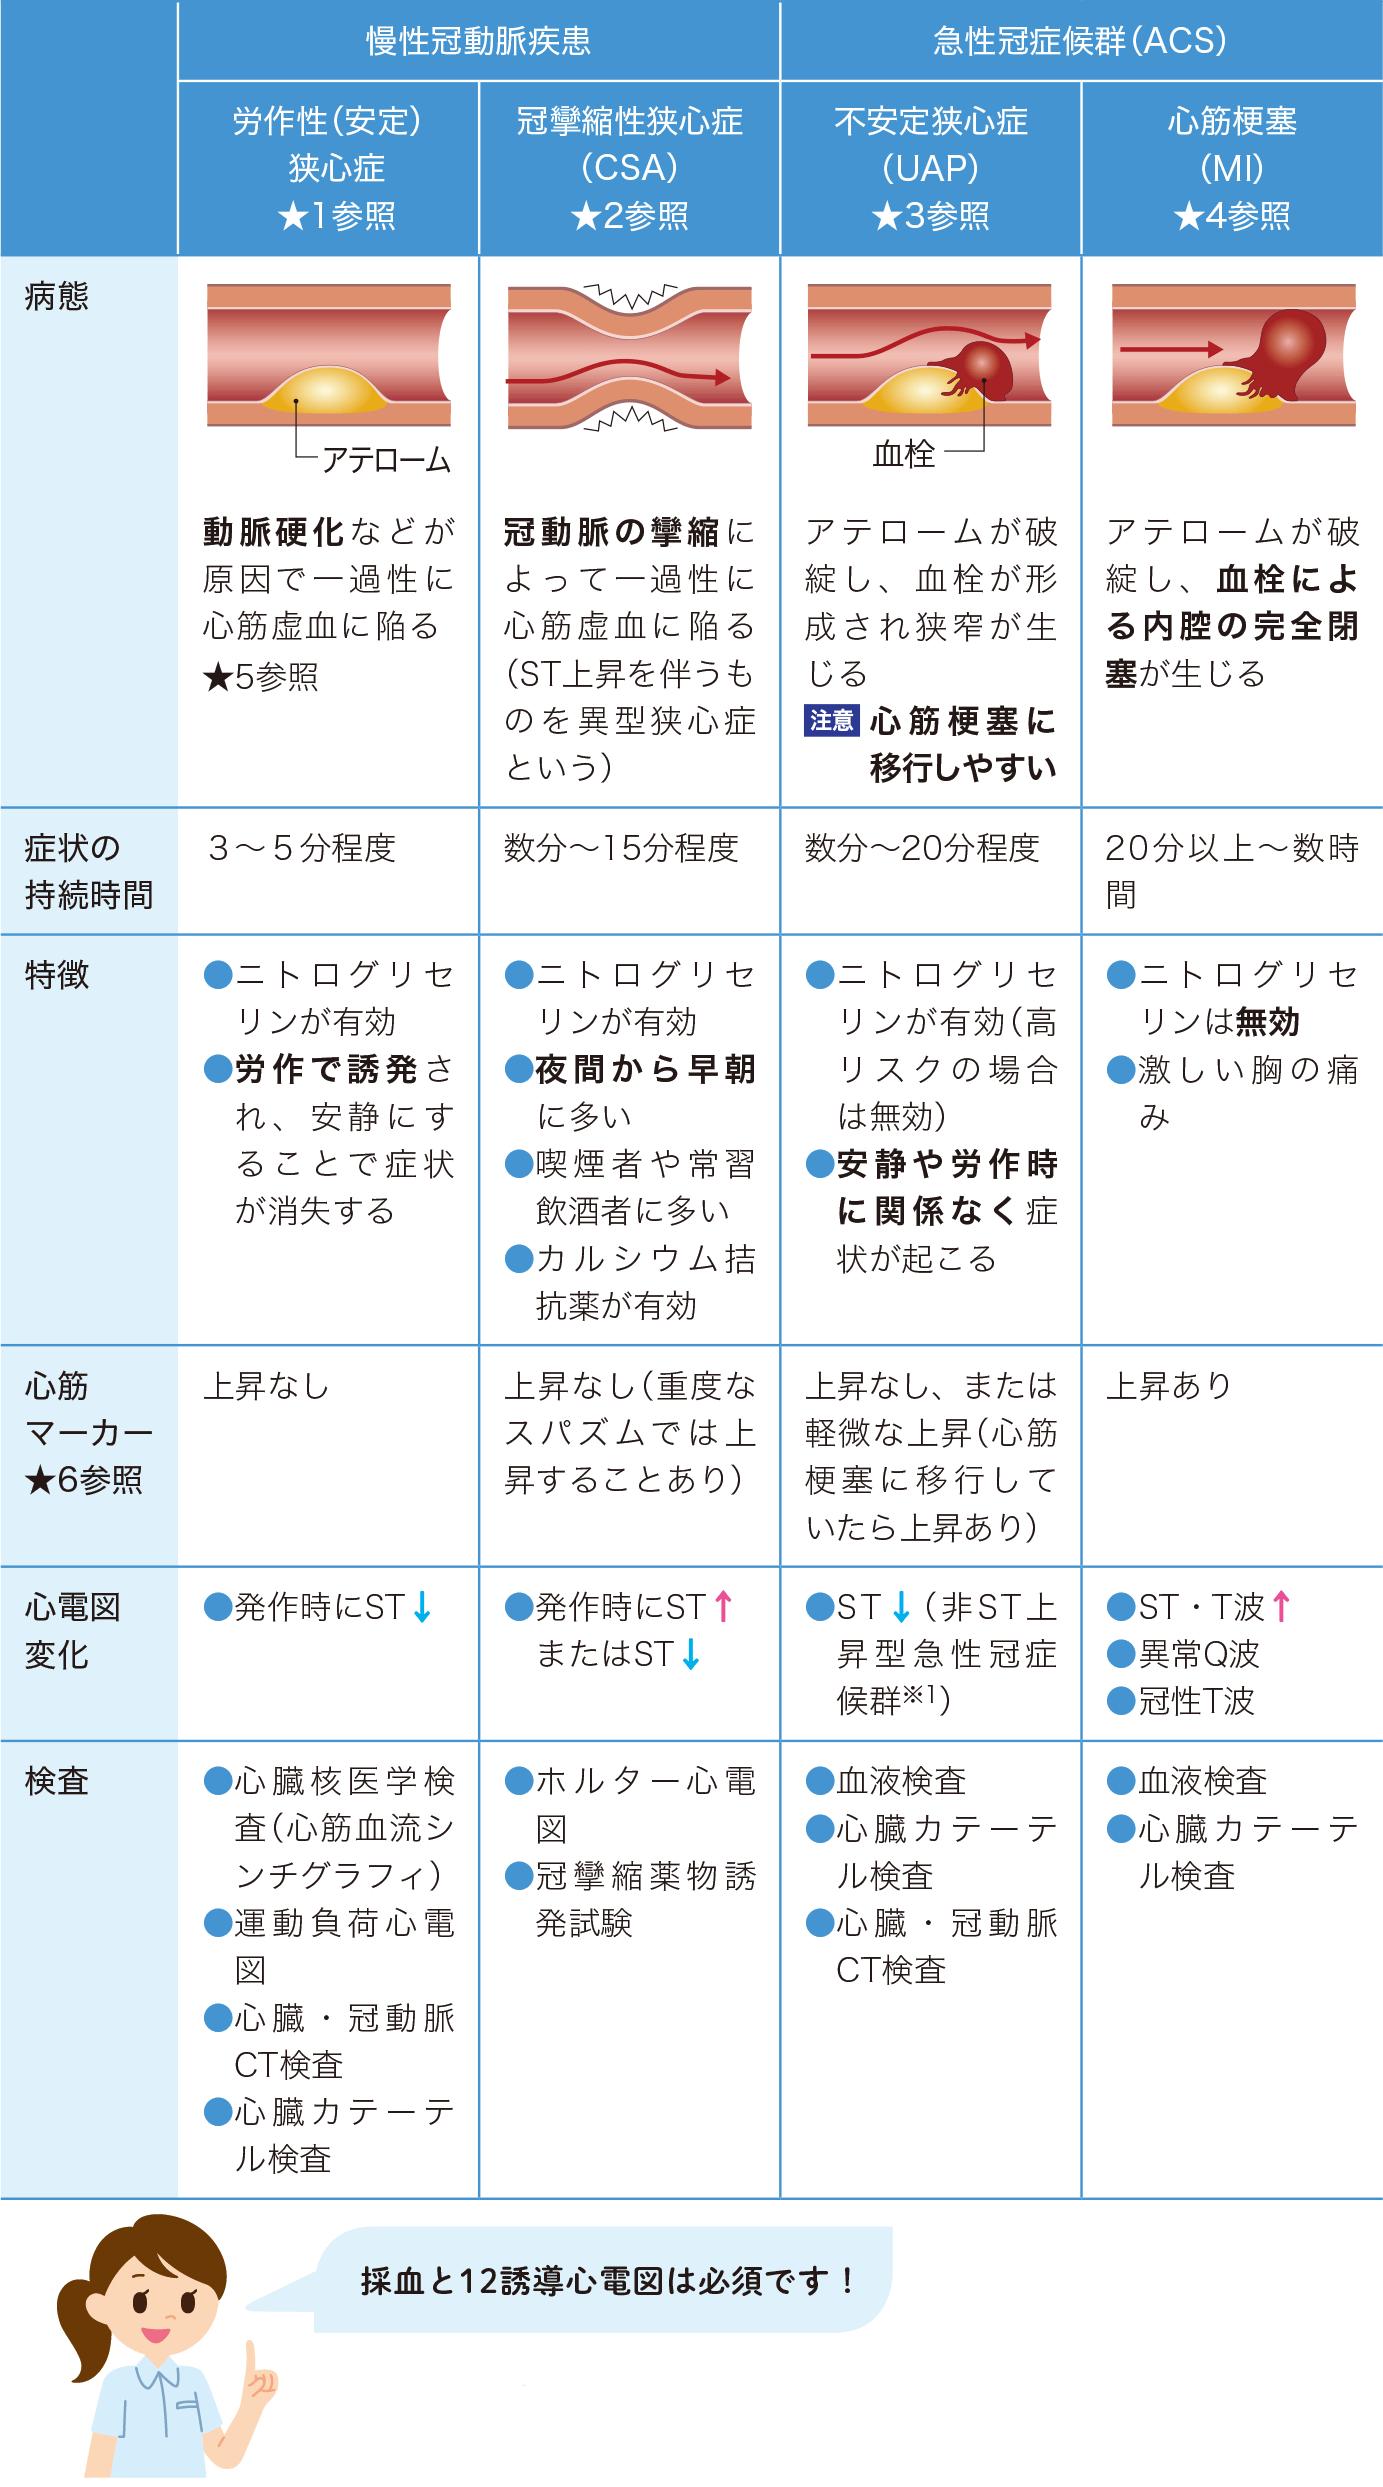 虚血性心疾患の分類(IHD 分類)